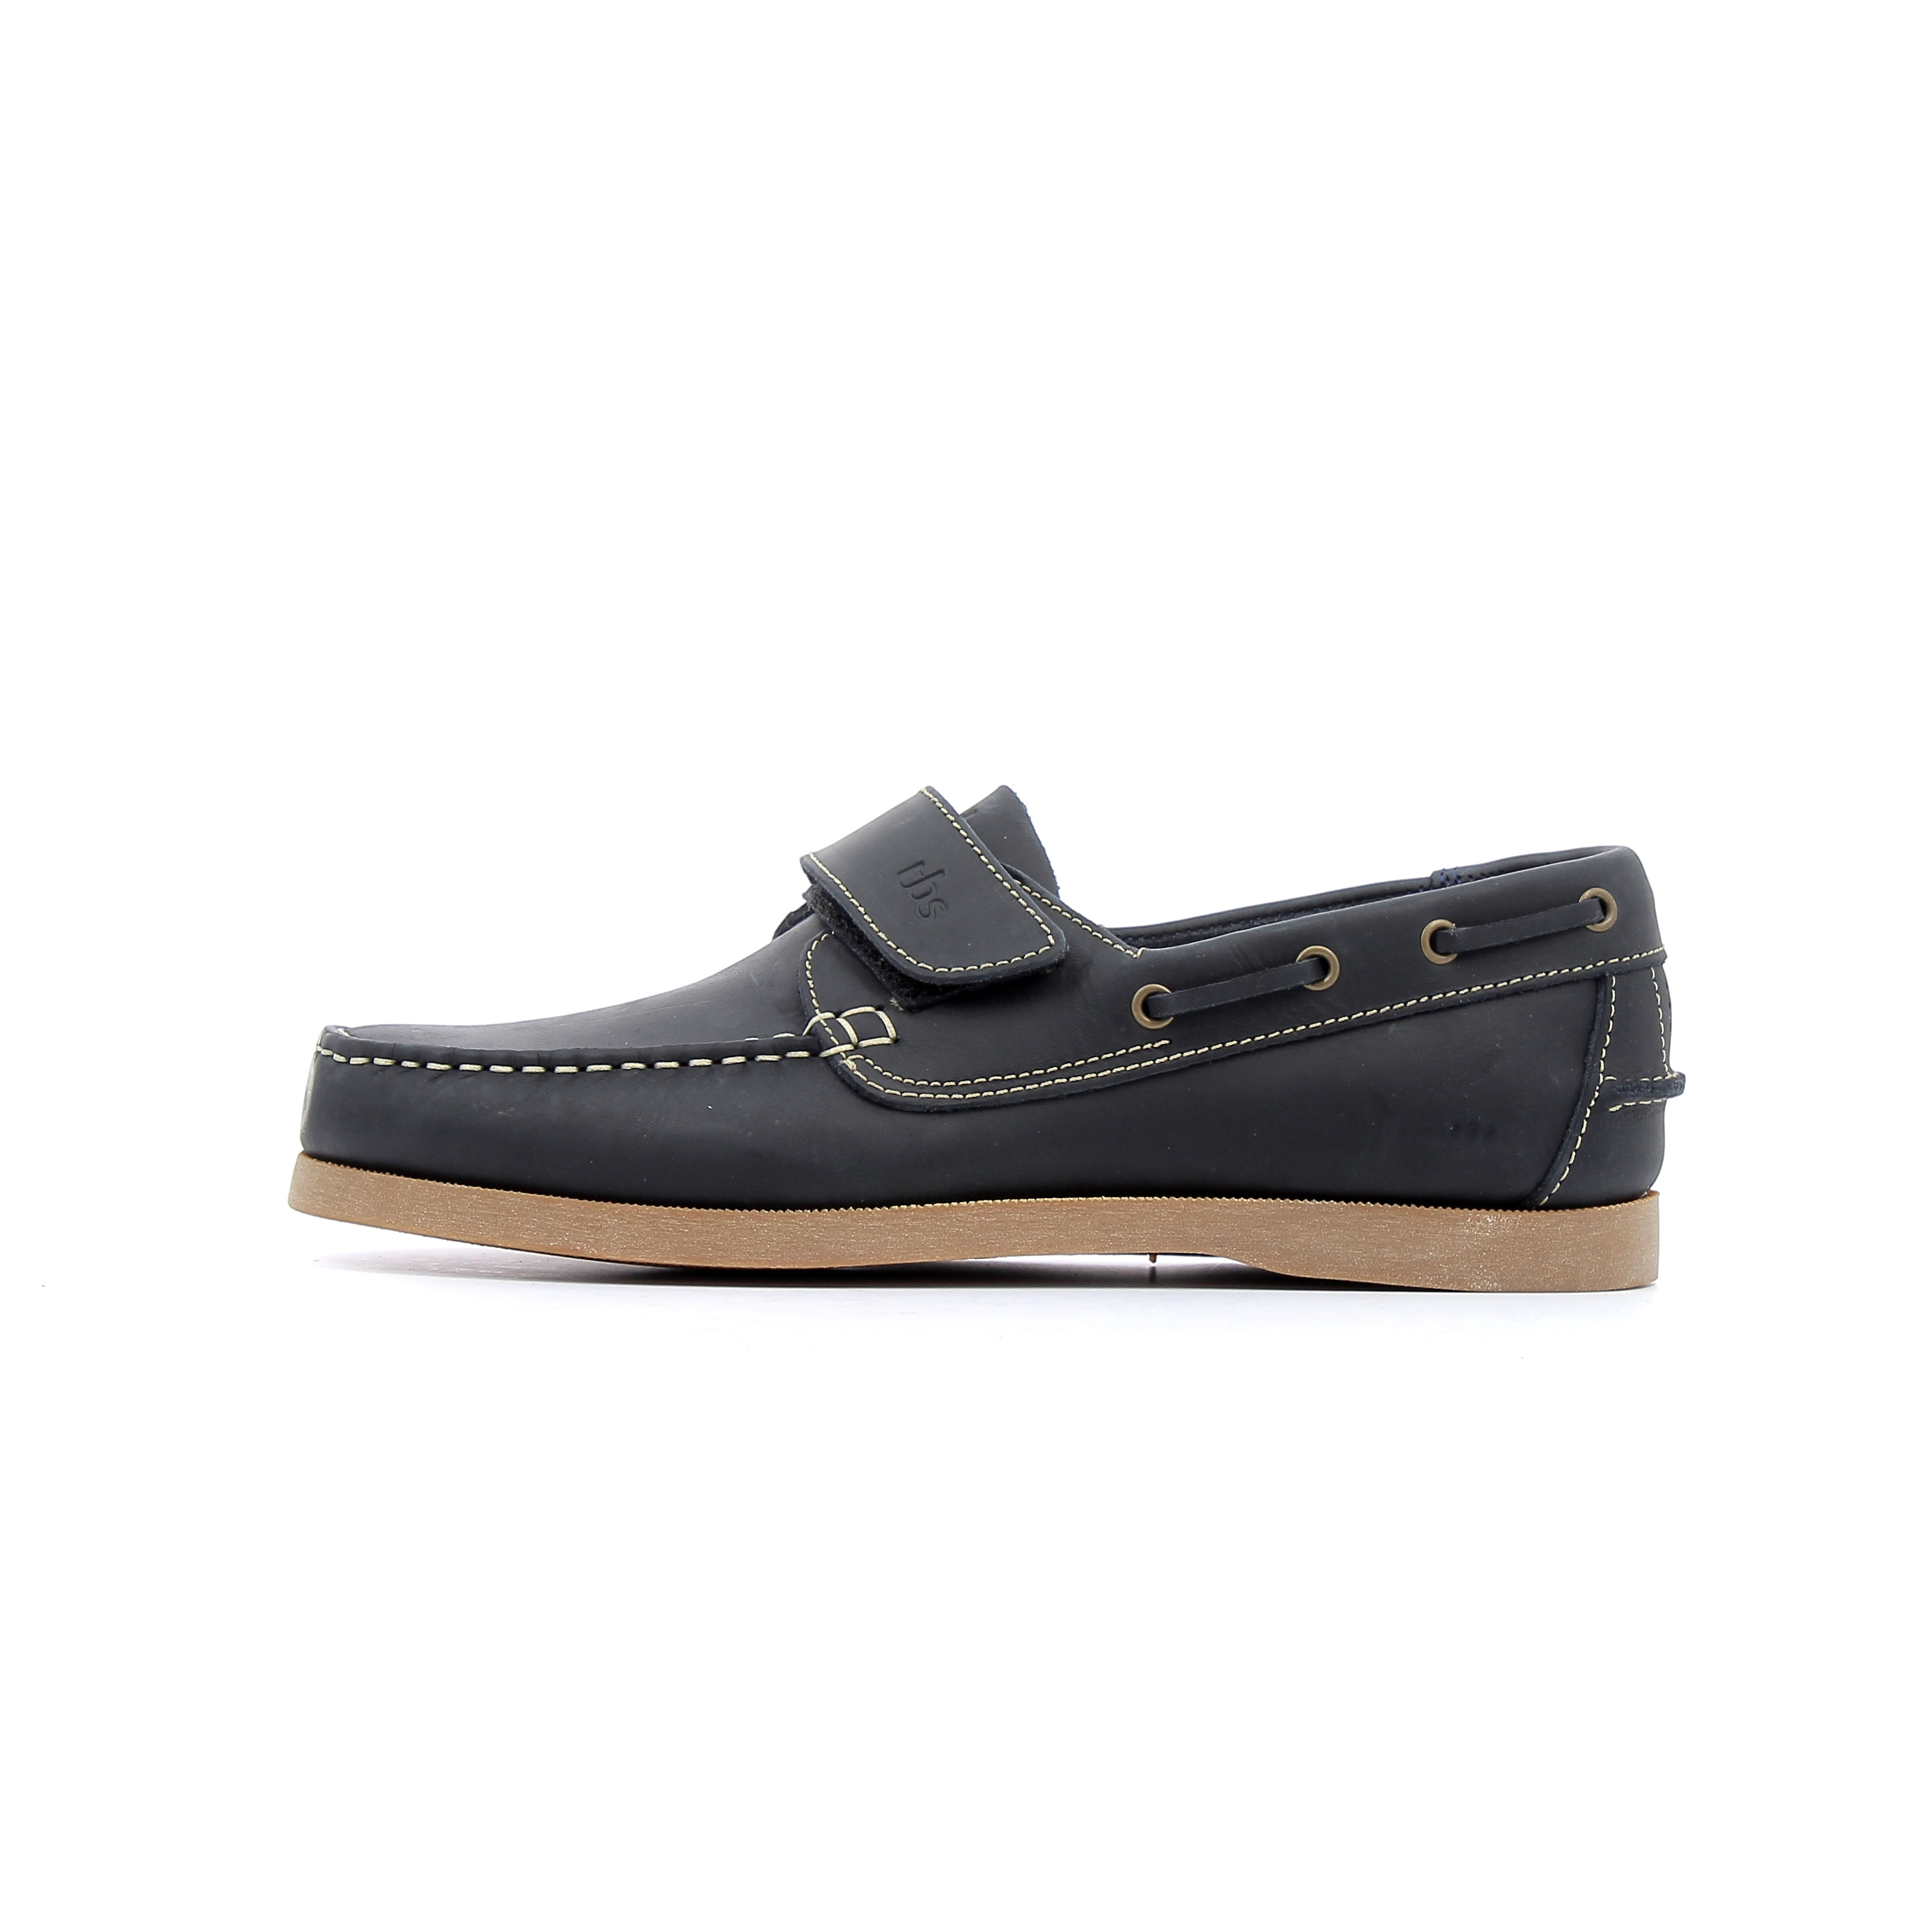 gamme exceptionnelle de styles quantité limitée ordre Chaussures bateau TBS Pommas